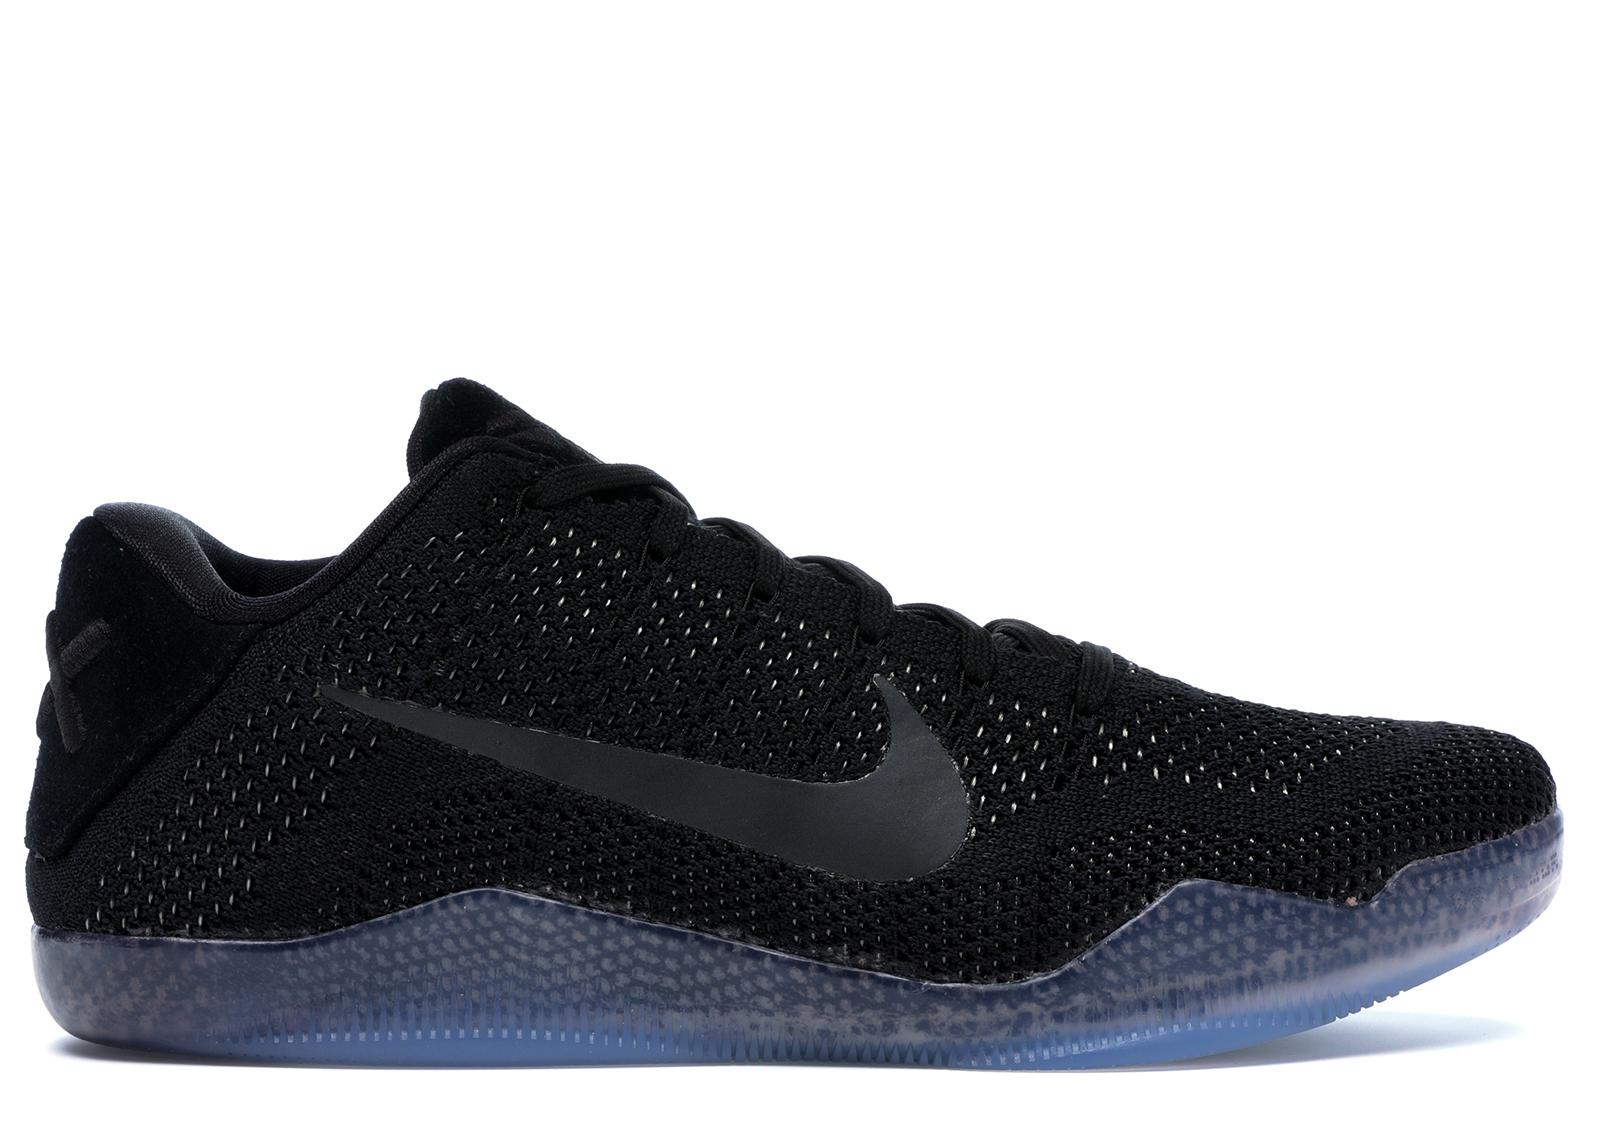 Nike Kobe 11 Elite Low Black Space